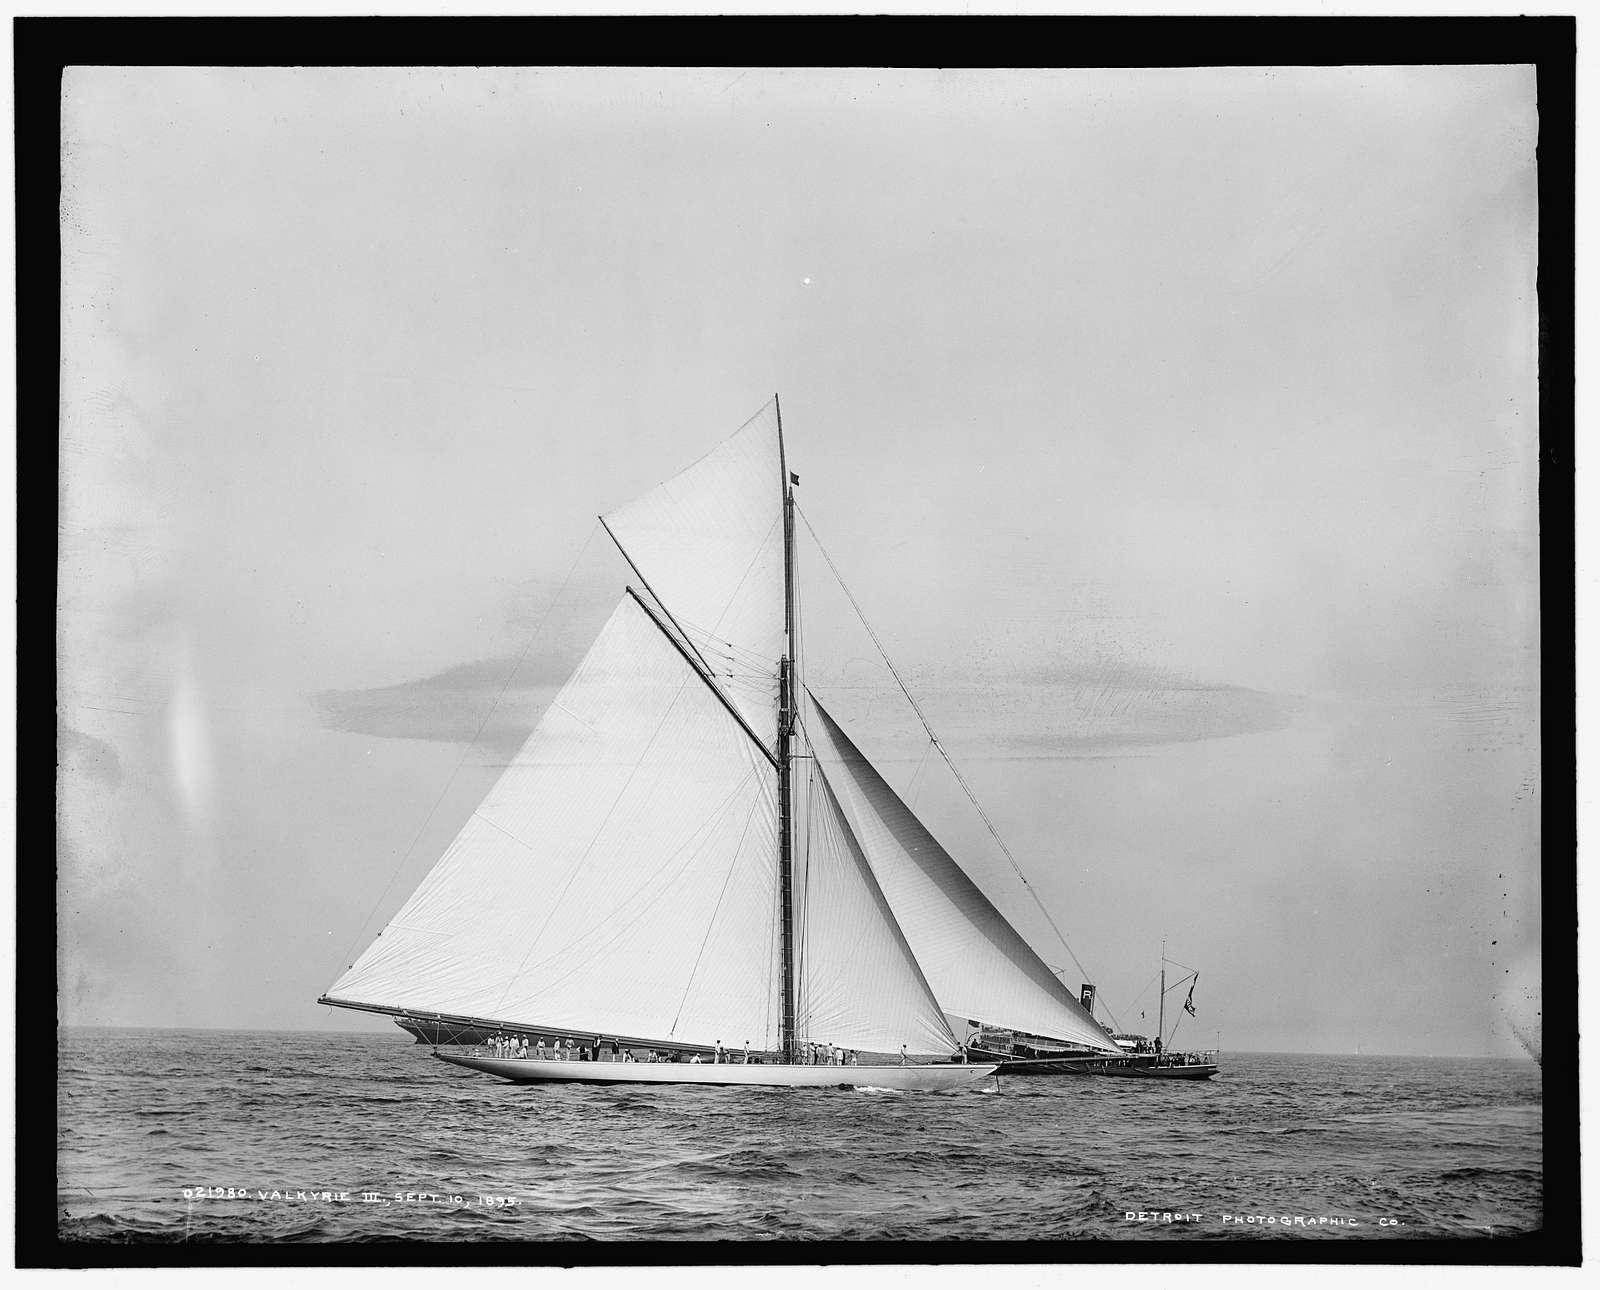 Valkyrie III, Sept. 10, 1895